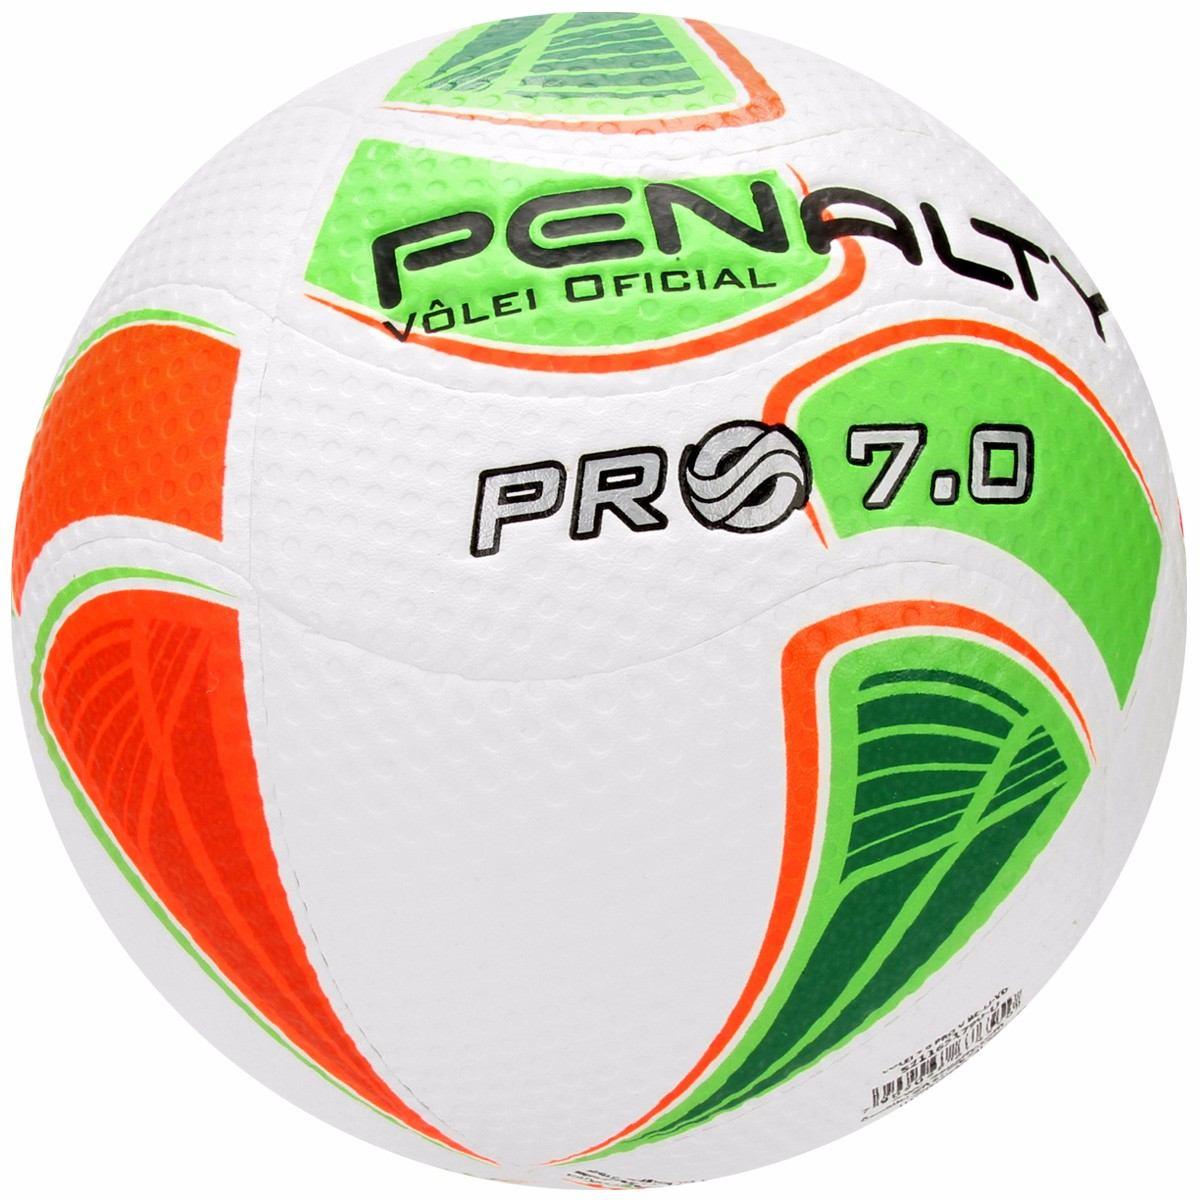 4f944d89e9 bola de vôlei penalty profissional 7.0 oficial frete grátis. Carregando  zoom.